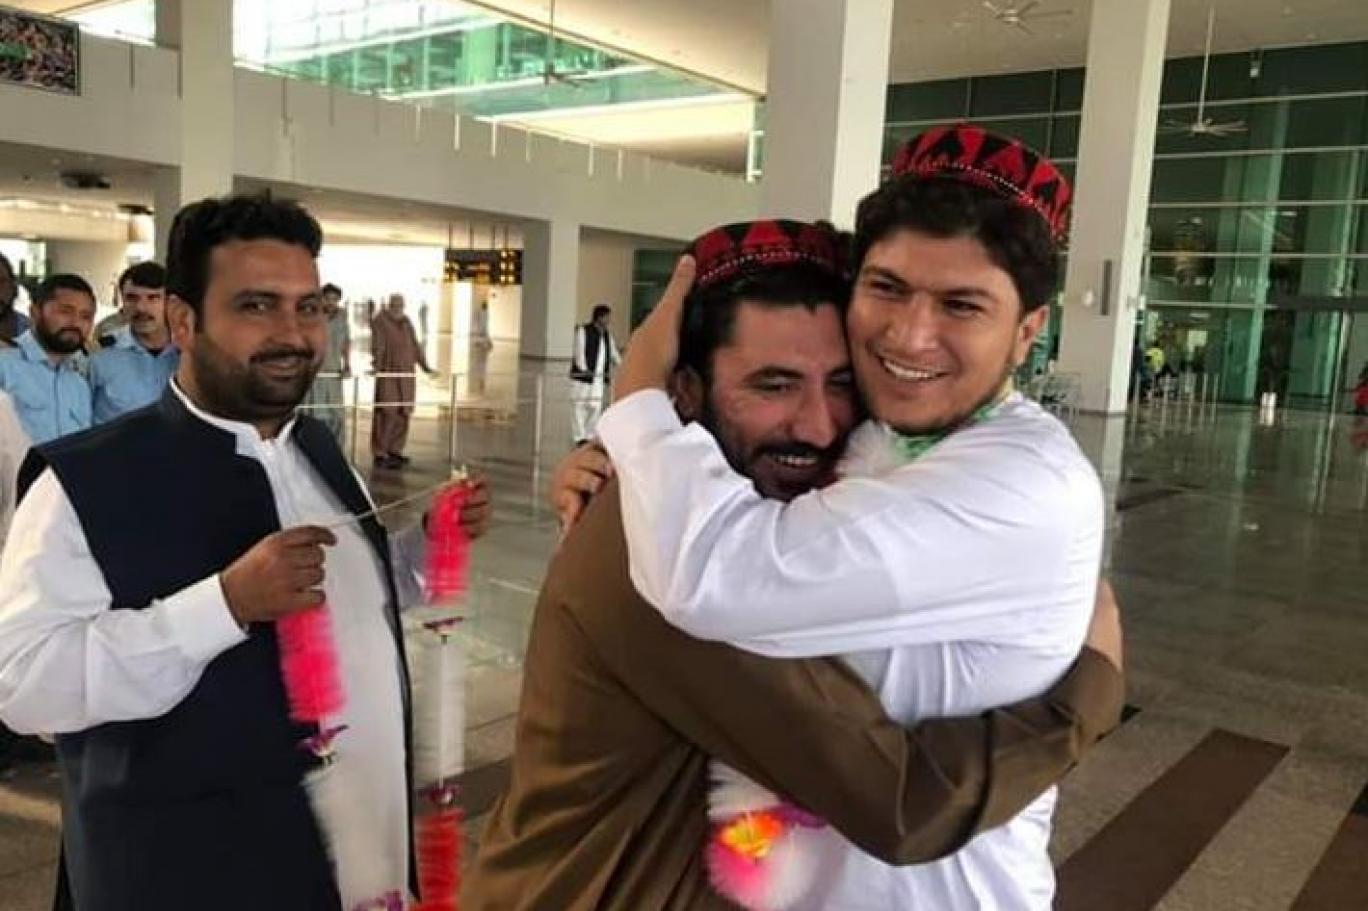 پی ٹی ایم کے سربراہ منظور پشتین کو رہا کر دیا گیا